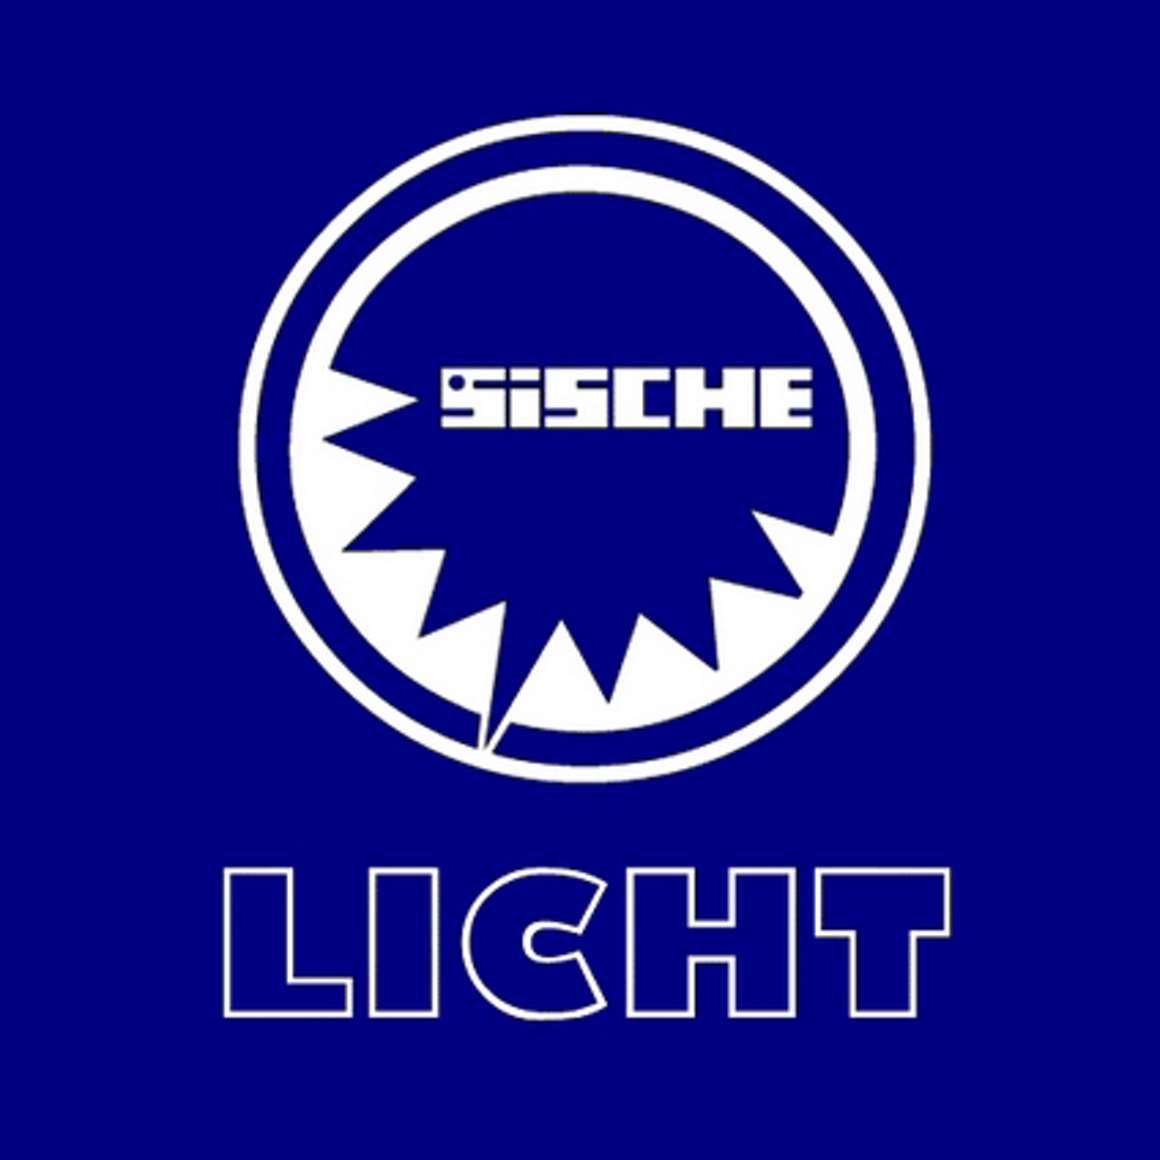 Simon & Schelle - Sische Licht - Logo